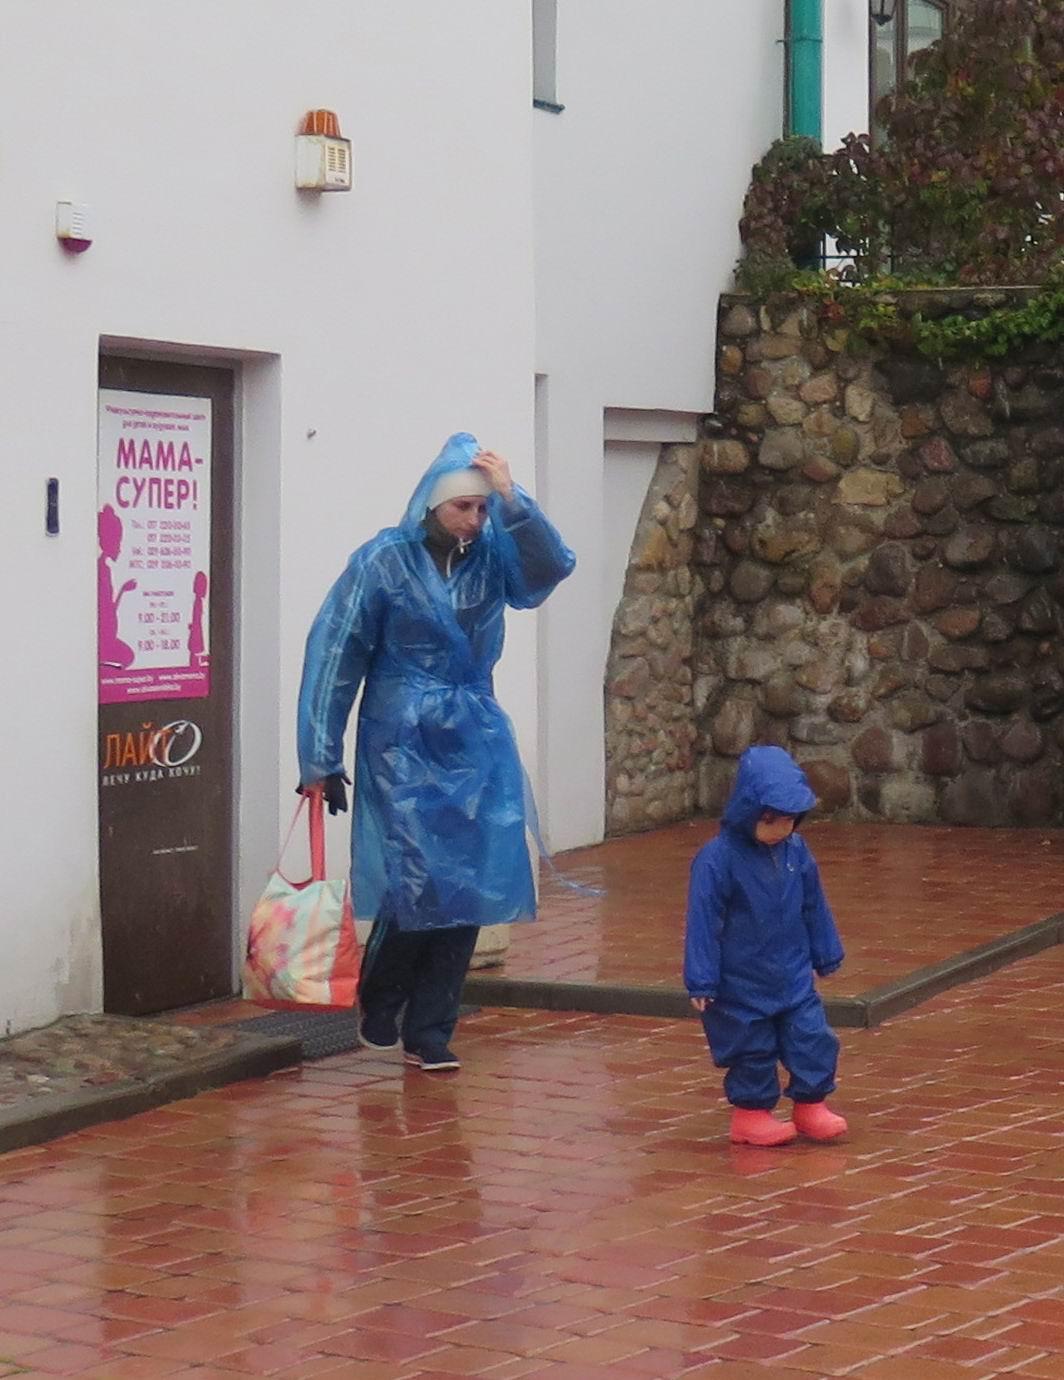 Минск, Верхний город, осень, мама с ребёнком в синих плащах